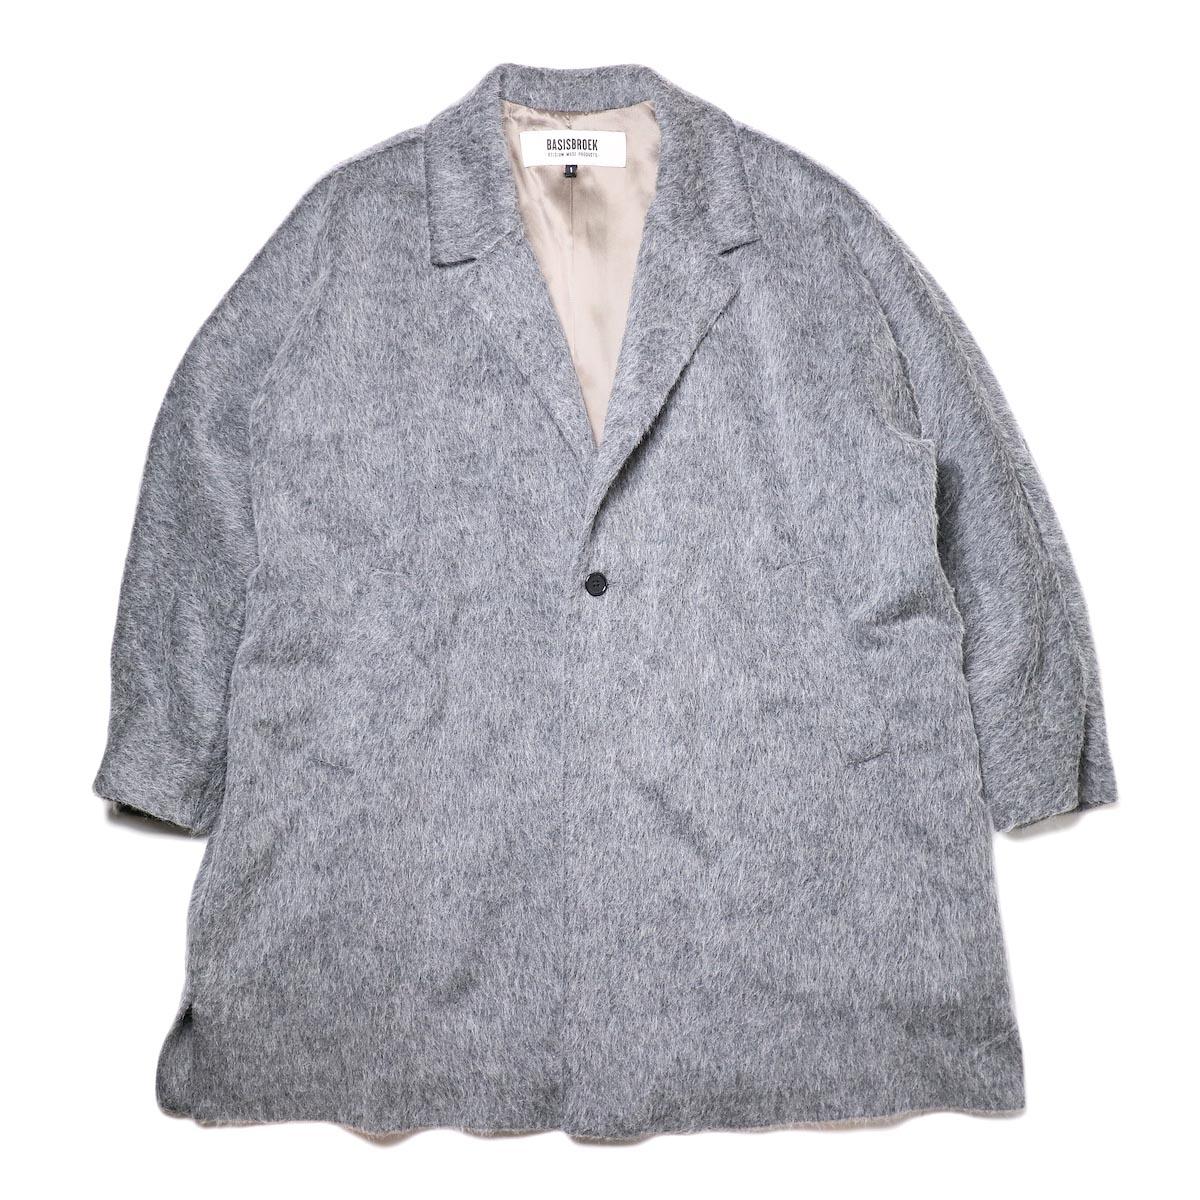 BASISBROEK / RECHT (med grey) 正面